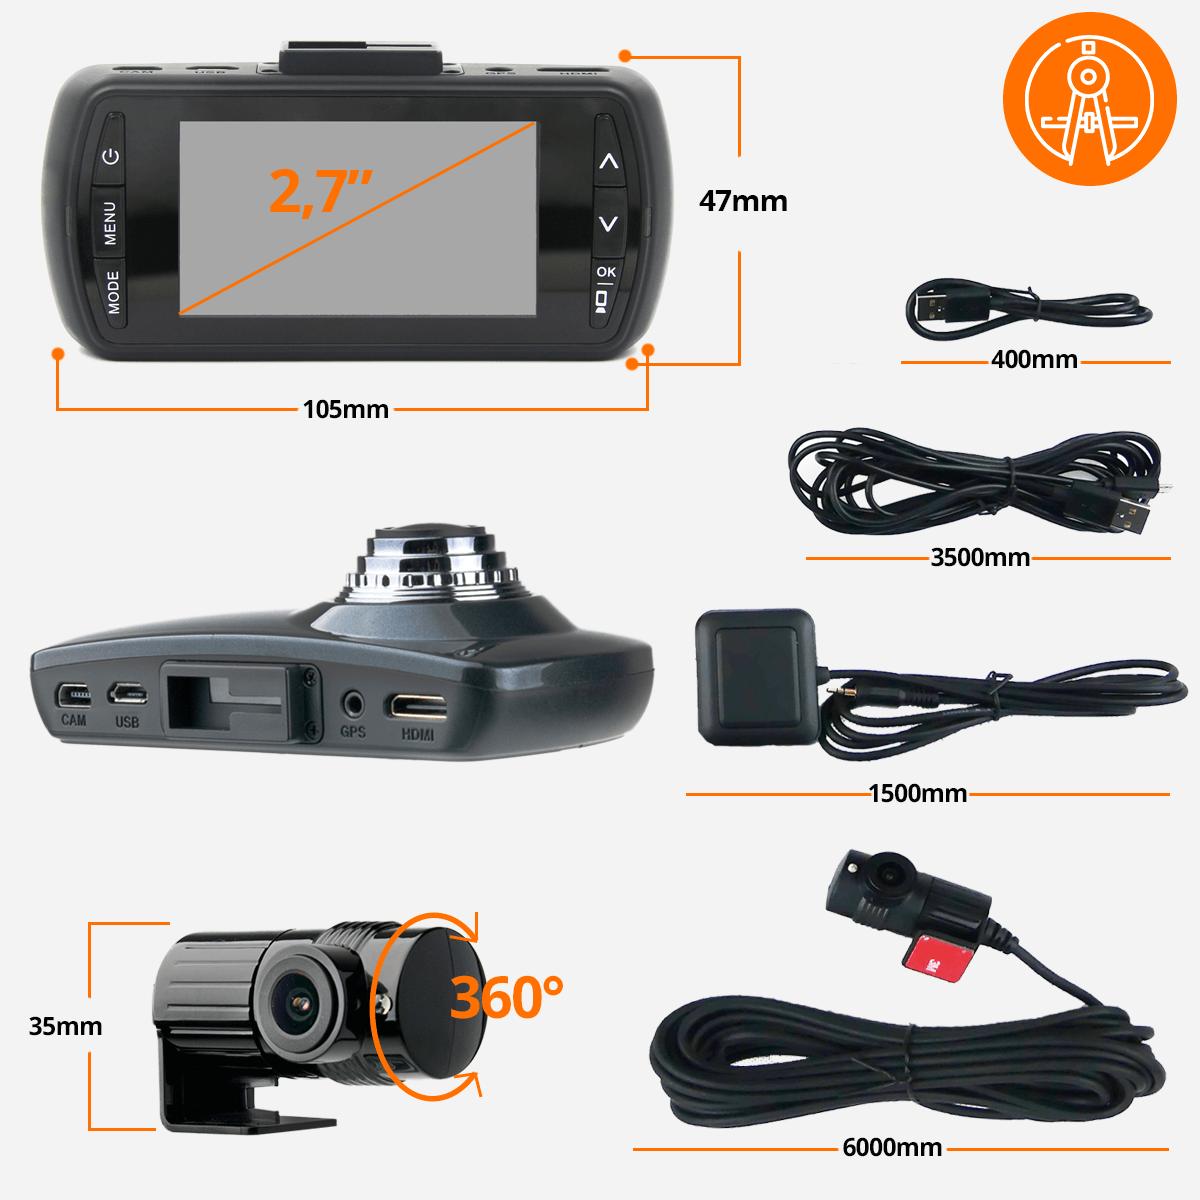 kamera samochodowa specyfikacja orllopl